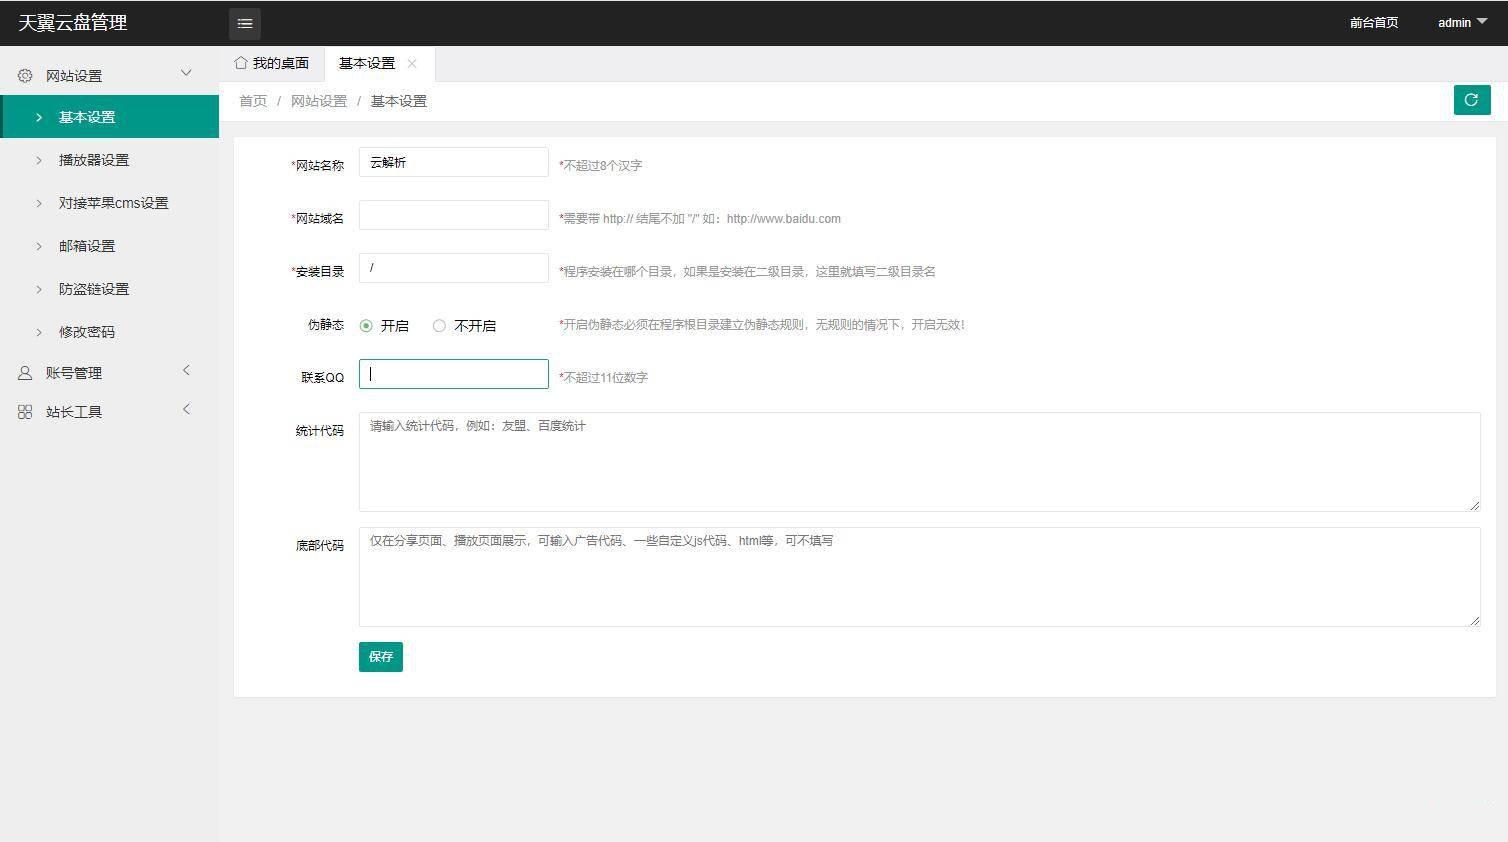 新版天翼云解析系统源码下载插图